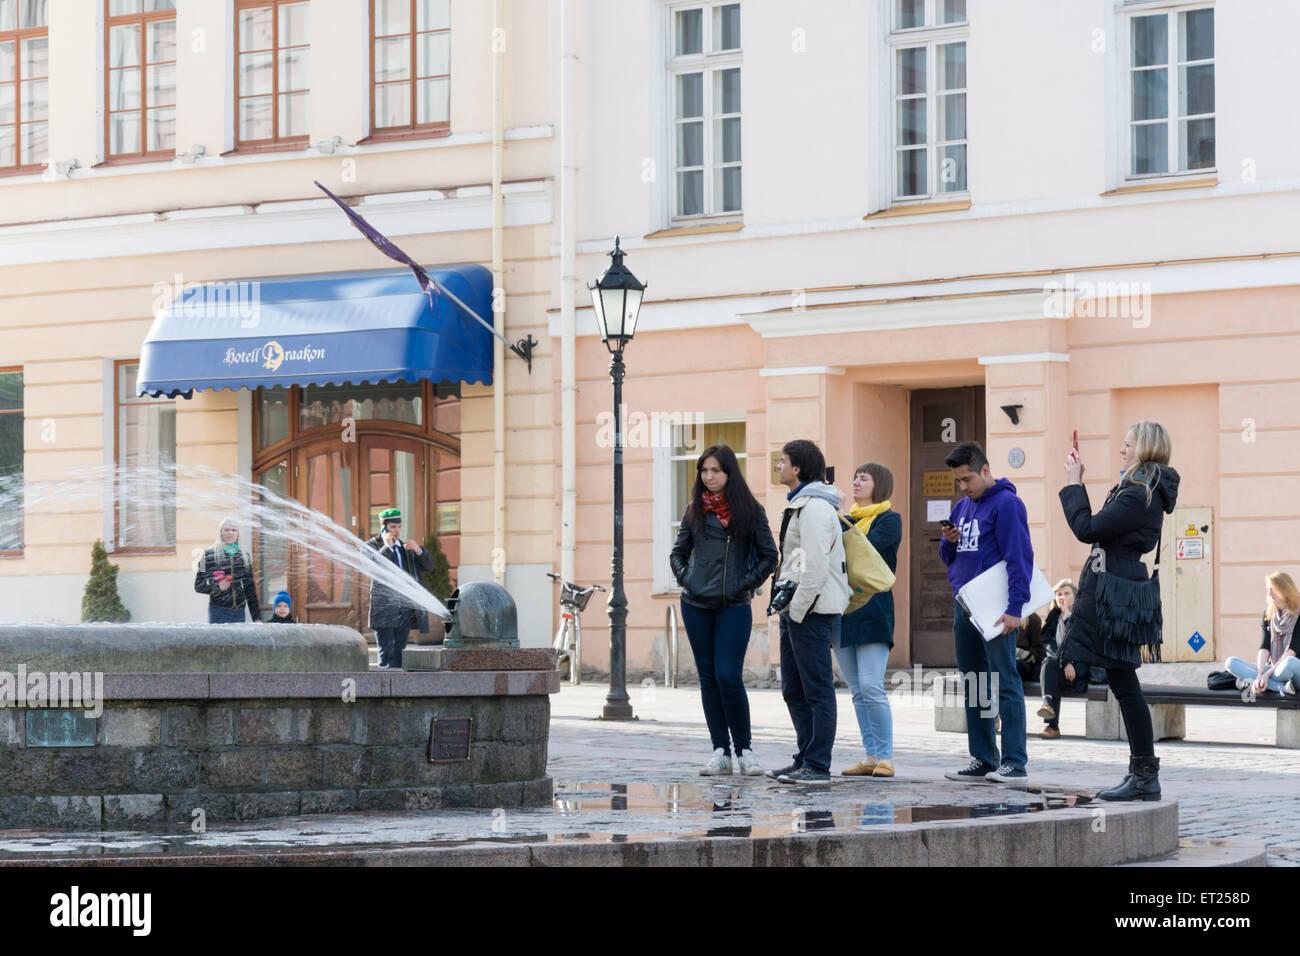 Un grupo de turistas, prestando atención a una fuente en Tartu Estonia Imagen De Stock